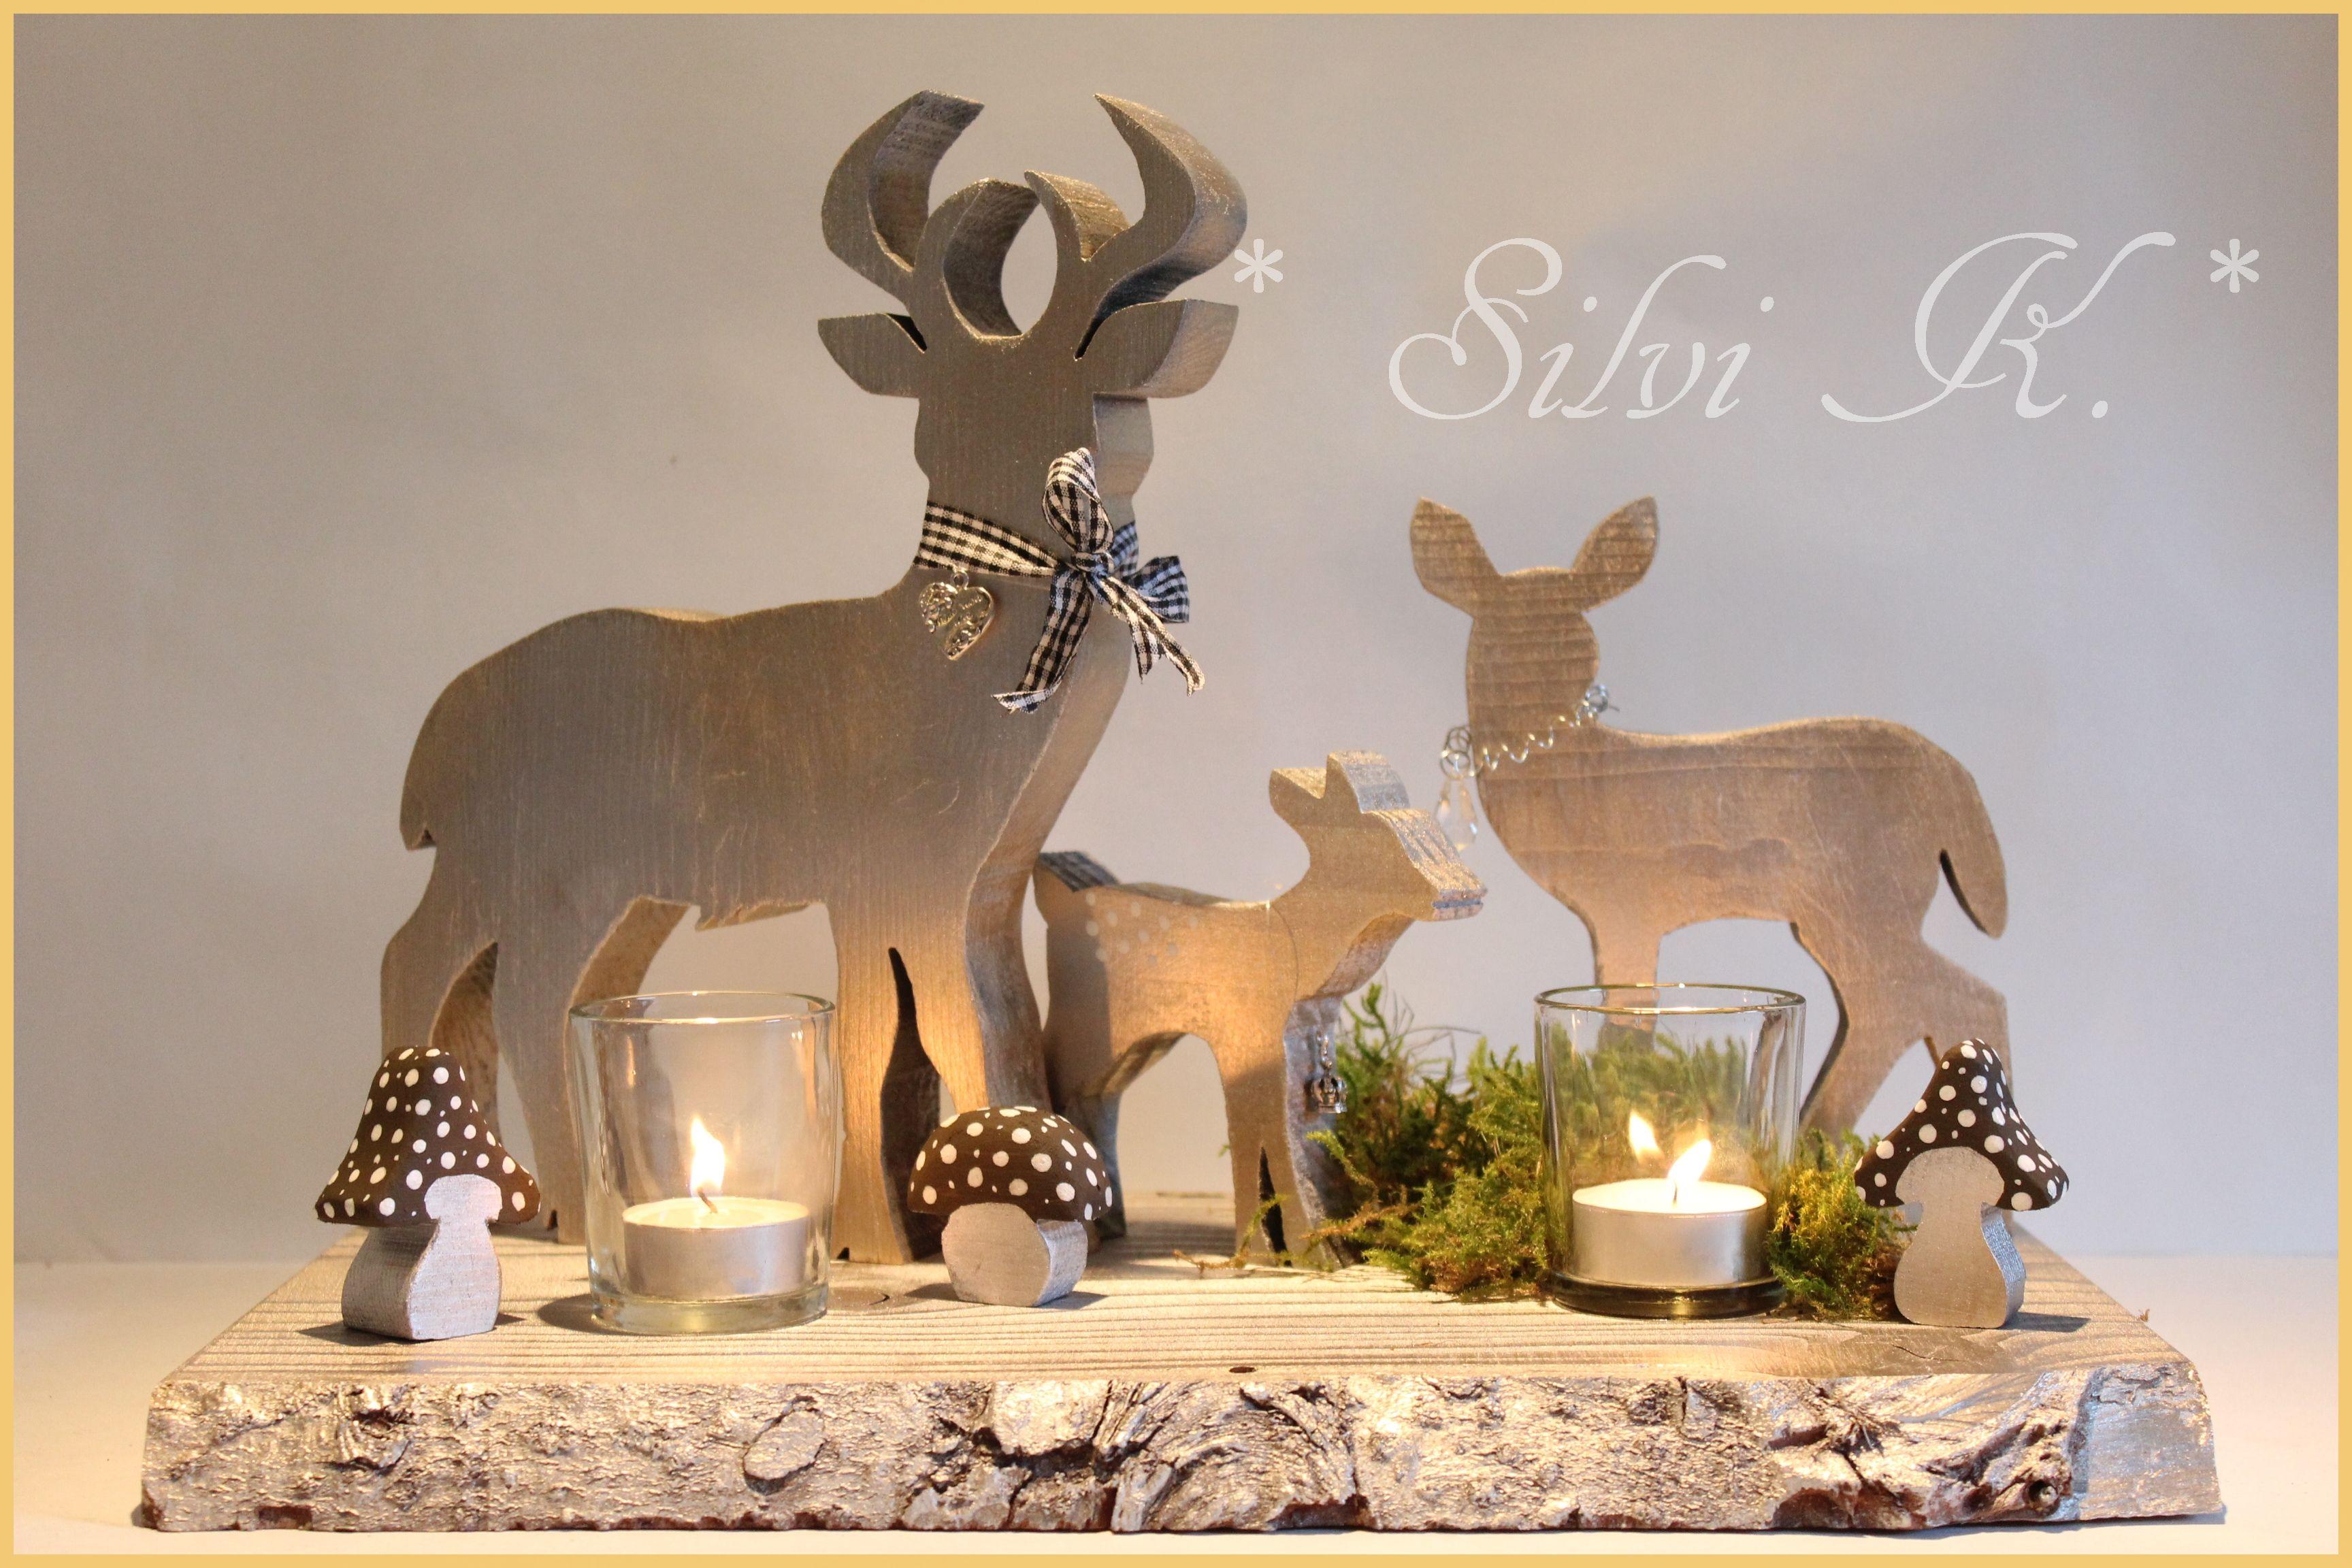 pin von silvi k auf silvi k rustikale weihnachten. Black Bedroom Furniture Sets. Home Design Ideas